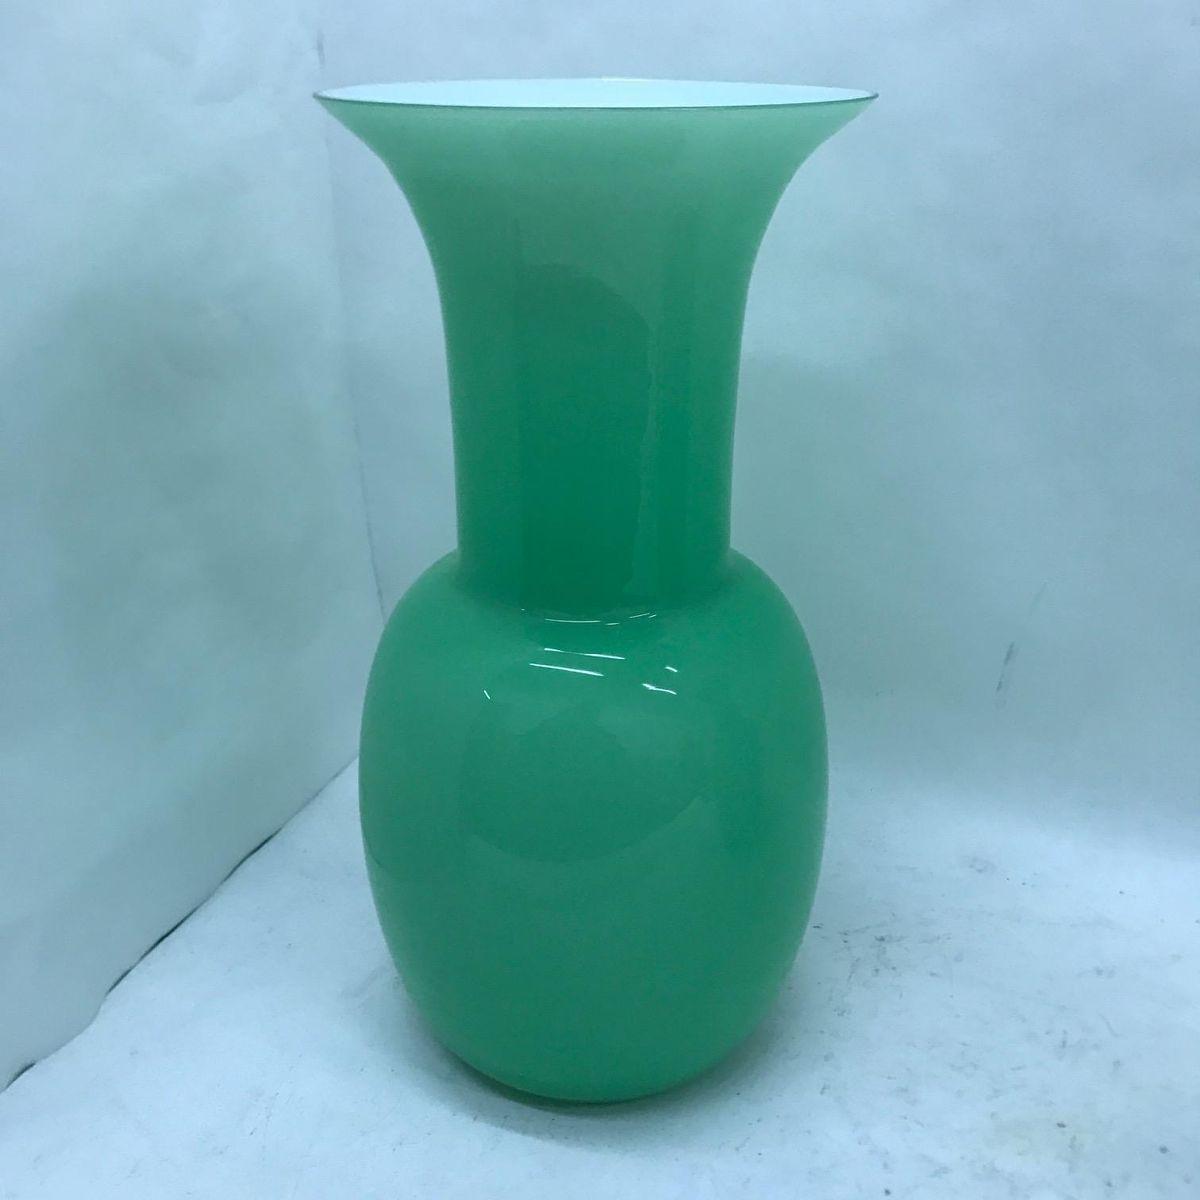 Green murano opaline glass vases by aureliano toso 2001 set of 2 green murano opaline glass vases by aureliano toso 2001 set of 2 reviewsmspy